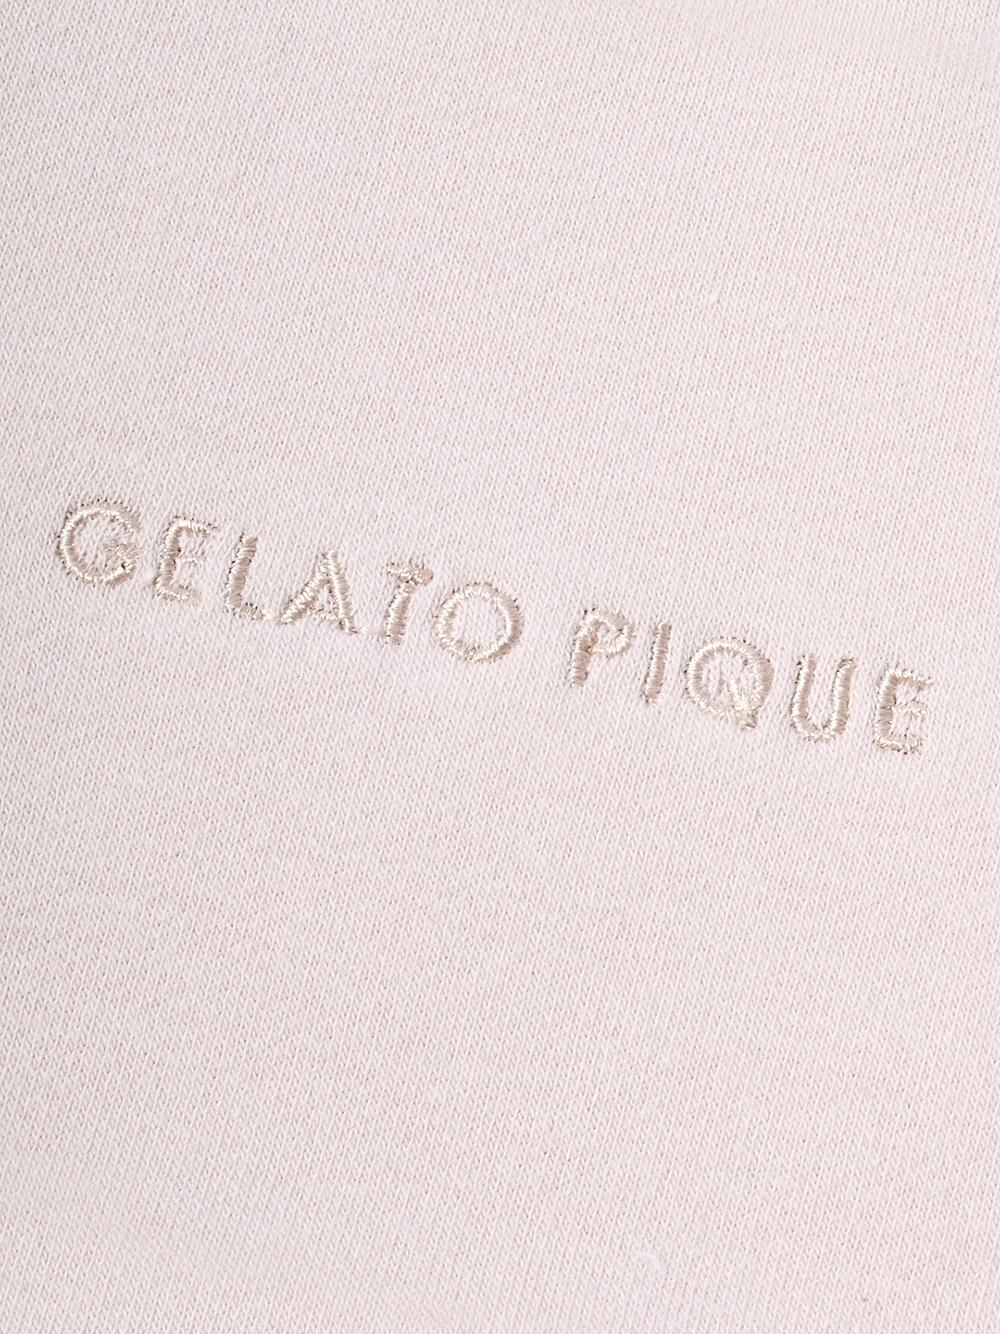 【オフィシャルオンラインストア限定】【HOMME】ロゴ裏毛ロングパンツ | PMCP211983